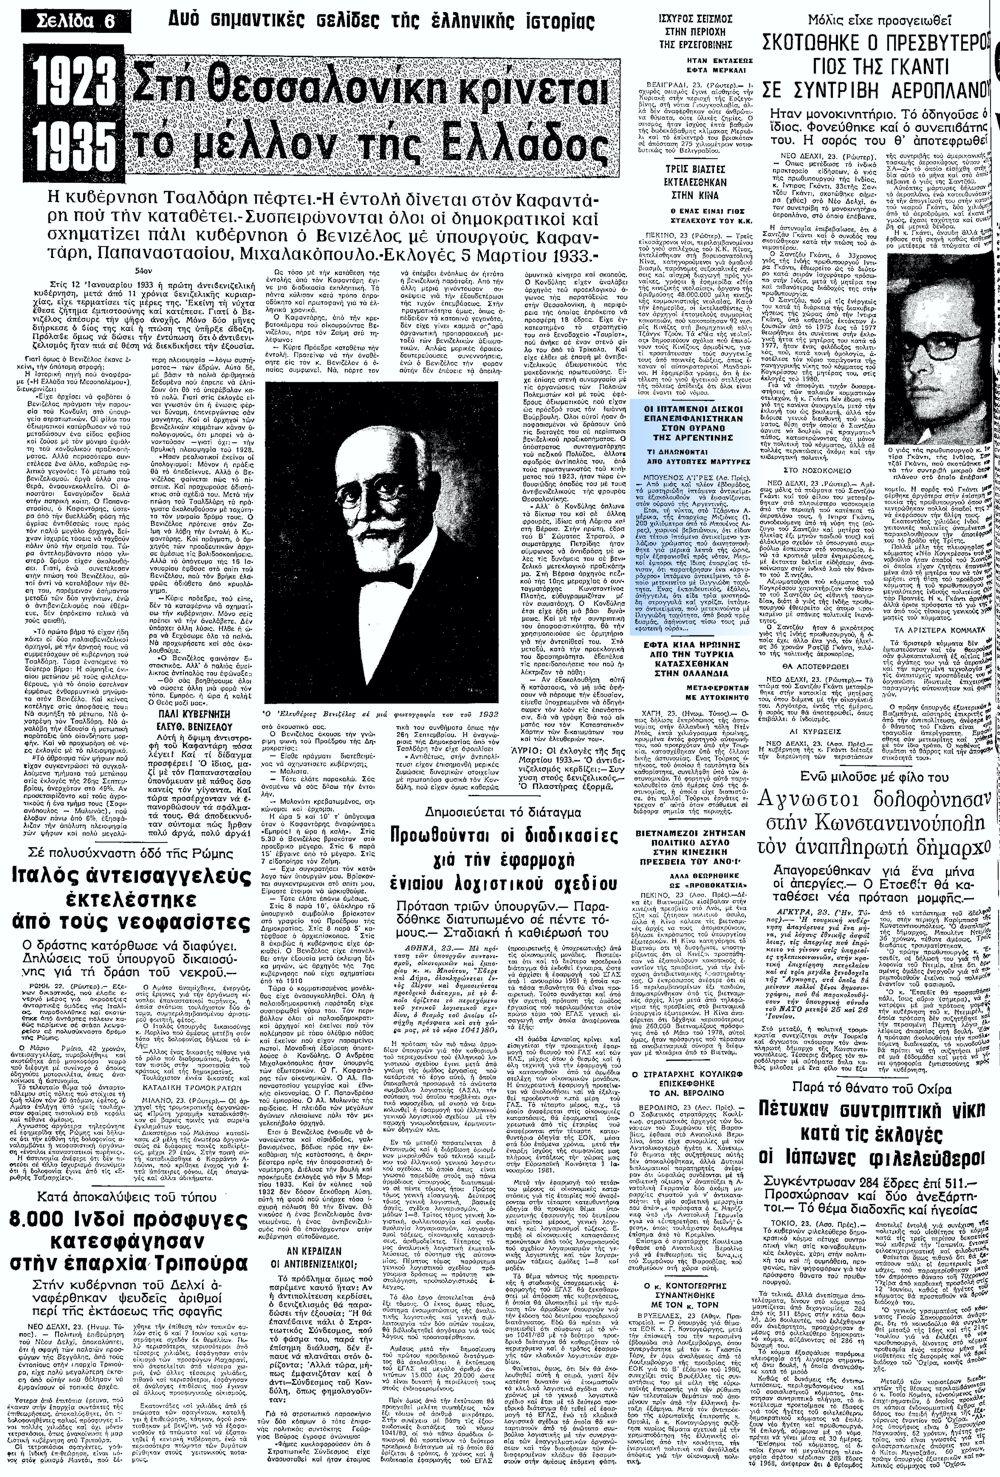 """Το άρθρο, όπως δημοσιεύθηκε στην εφημερίδα """"ΜΑΚΕΔΟΝΙΑ"""", στις 24/06/1980"""